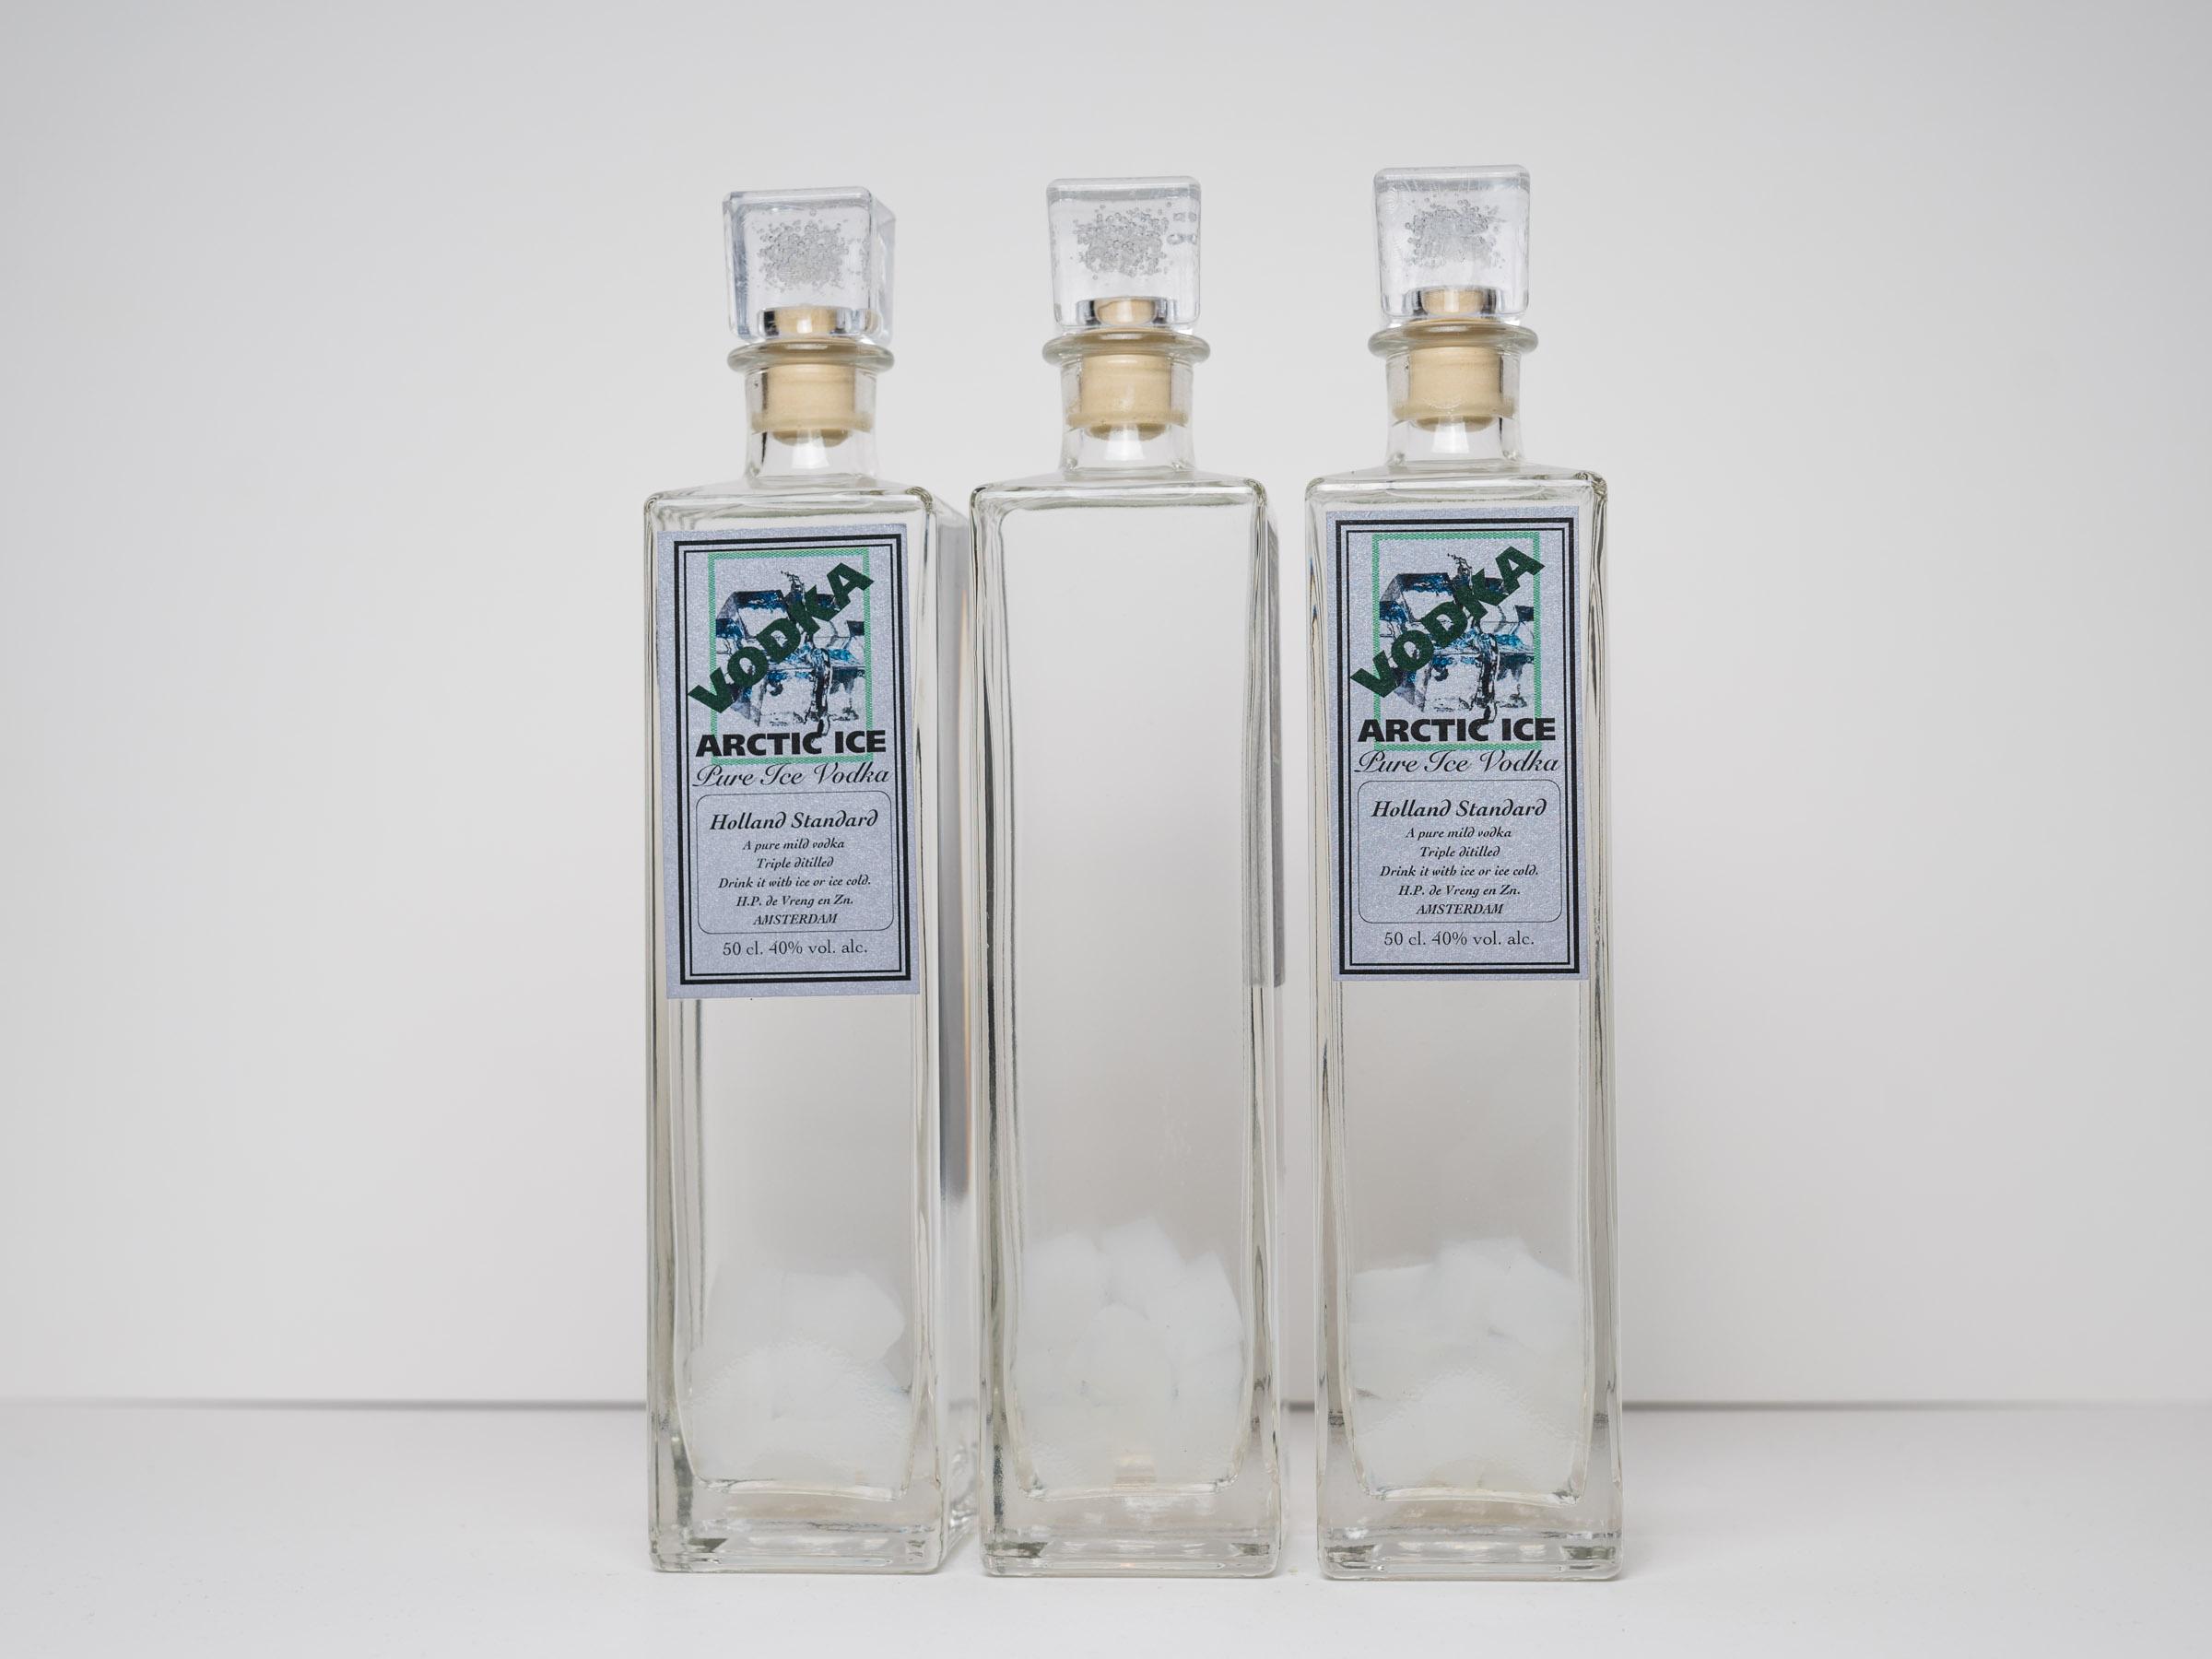 """ARCTIC ICE  Deze vodka wordt gemaakt met zuiverwater uit de arctic. Extra gefilterd en gearomatisseerd met lychee. Ook zitten er """"ijsklontjes"""" in de fles.   500ml.  € uitverkocht"""